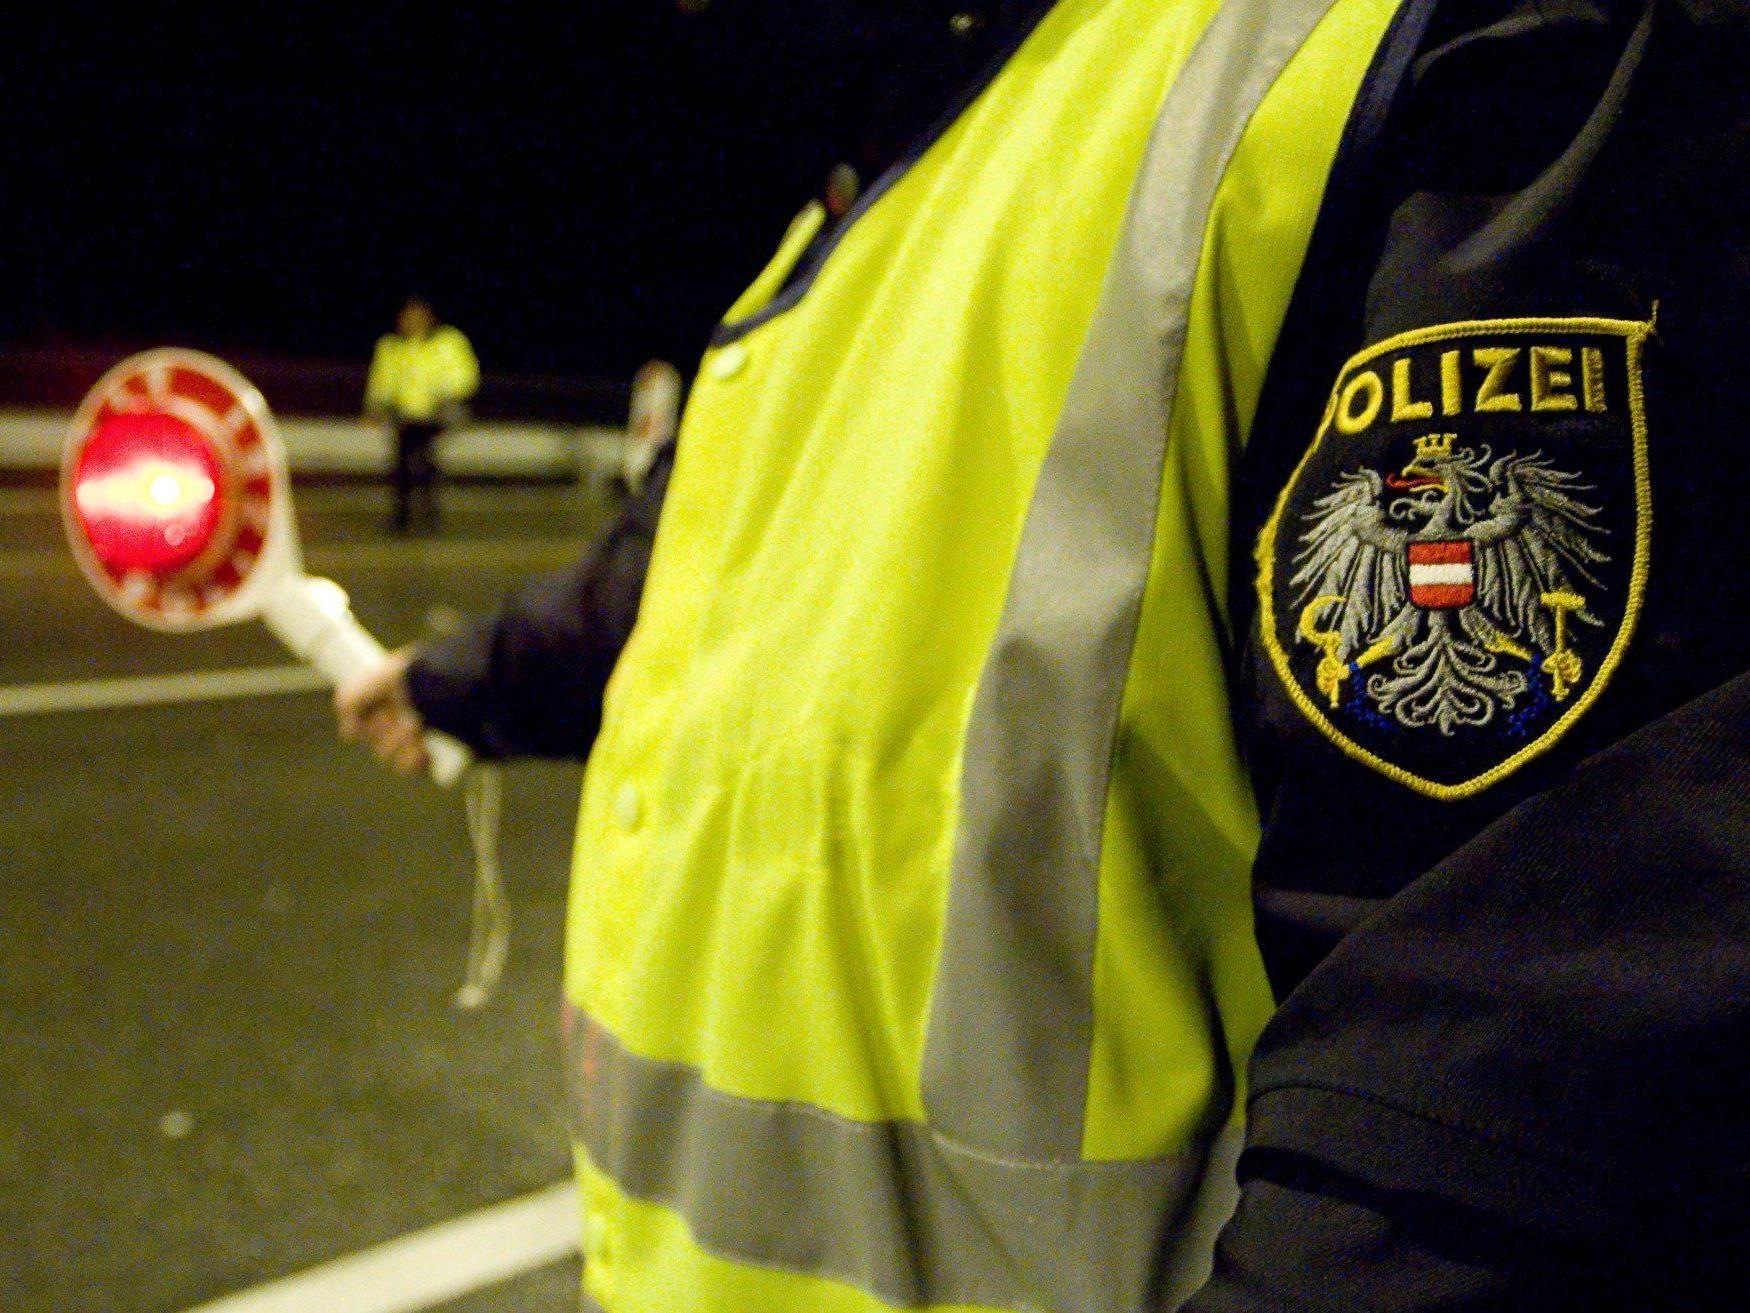 Radfahrer geriet mit 1,26 Promille in Kontrolle, Autofahrer saß mit 1,54 Promille am Steuer.